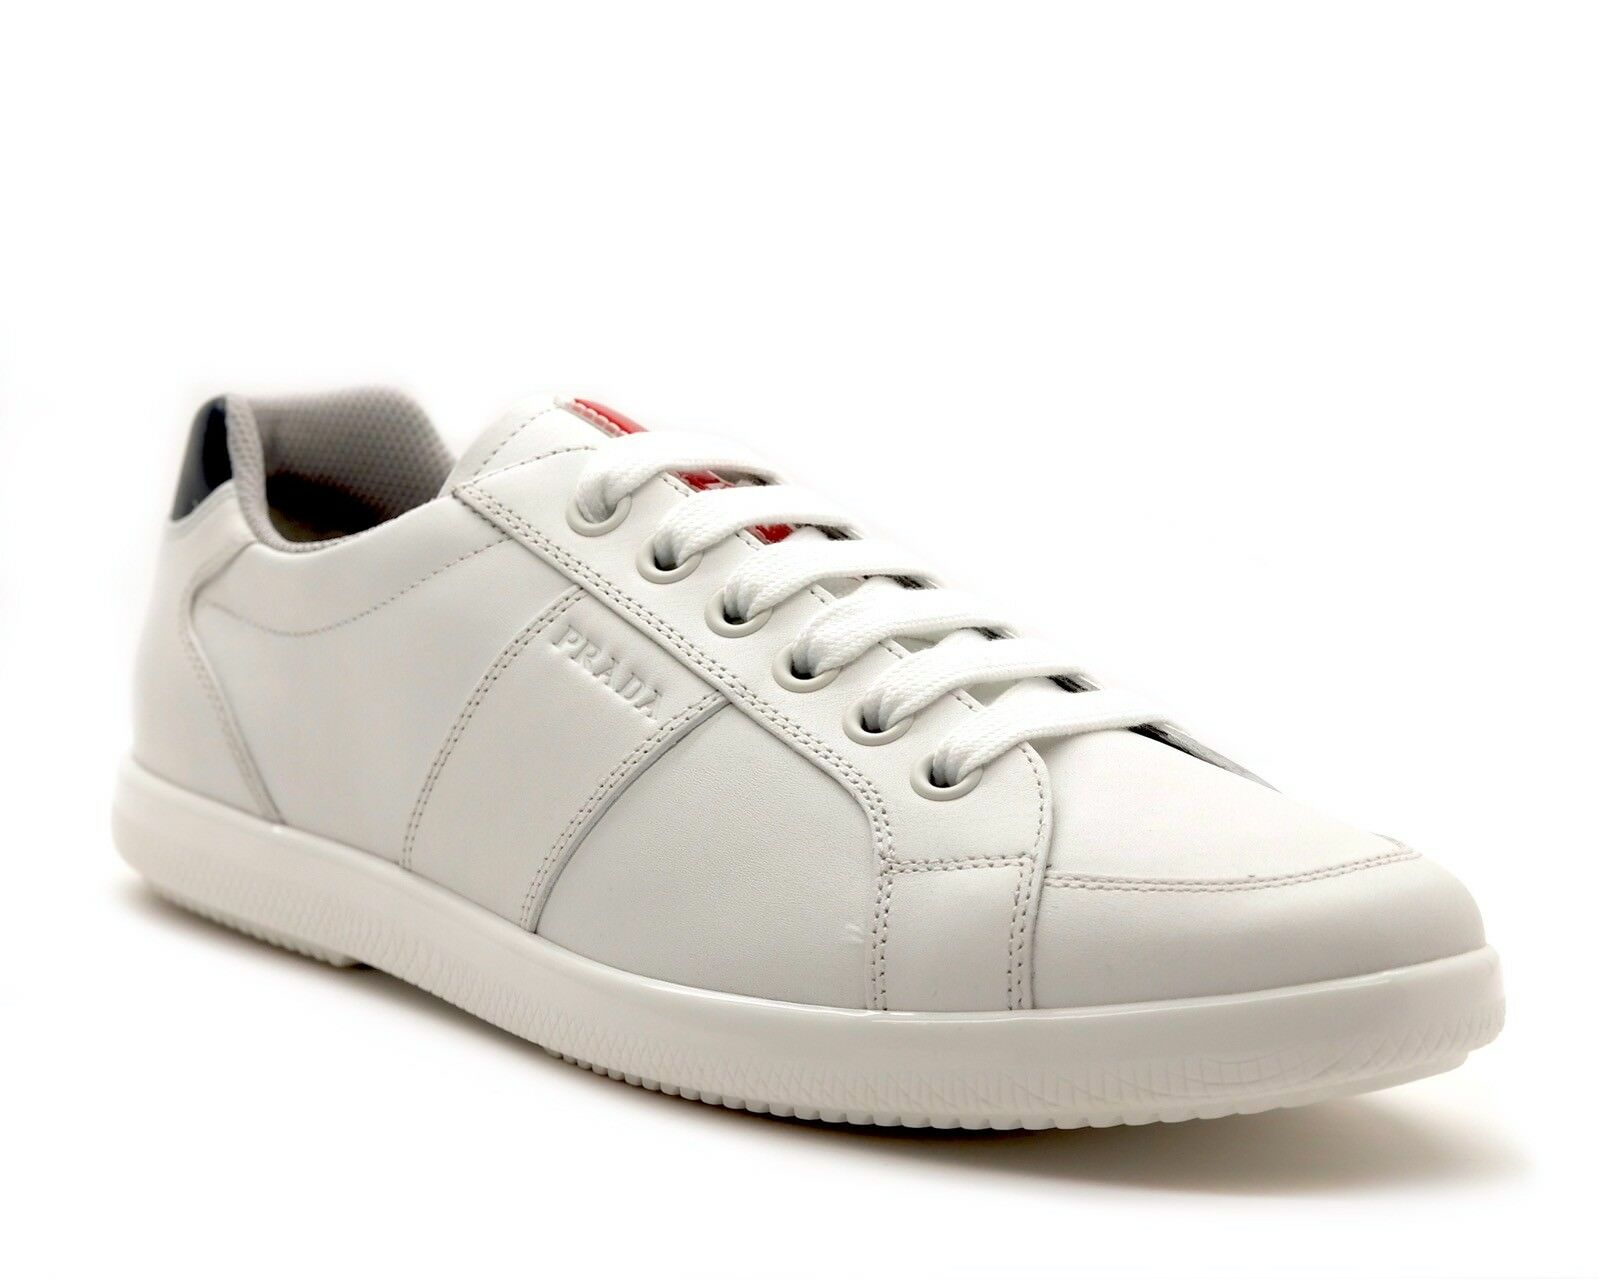 Prada Sneakers White Leather Size 11.5 NIB